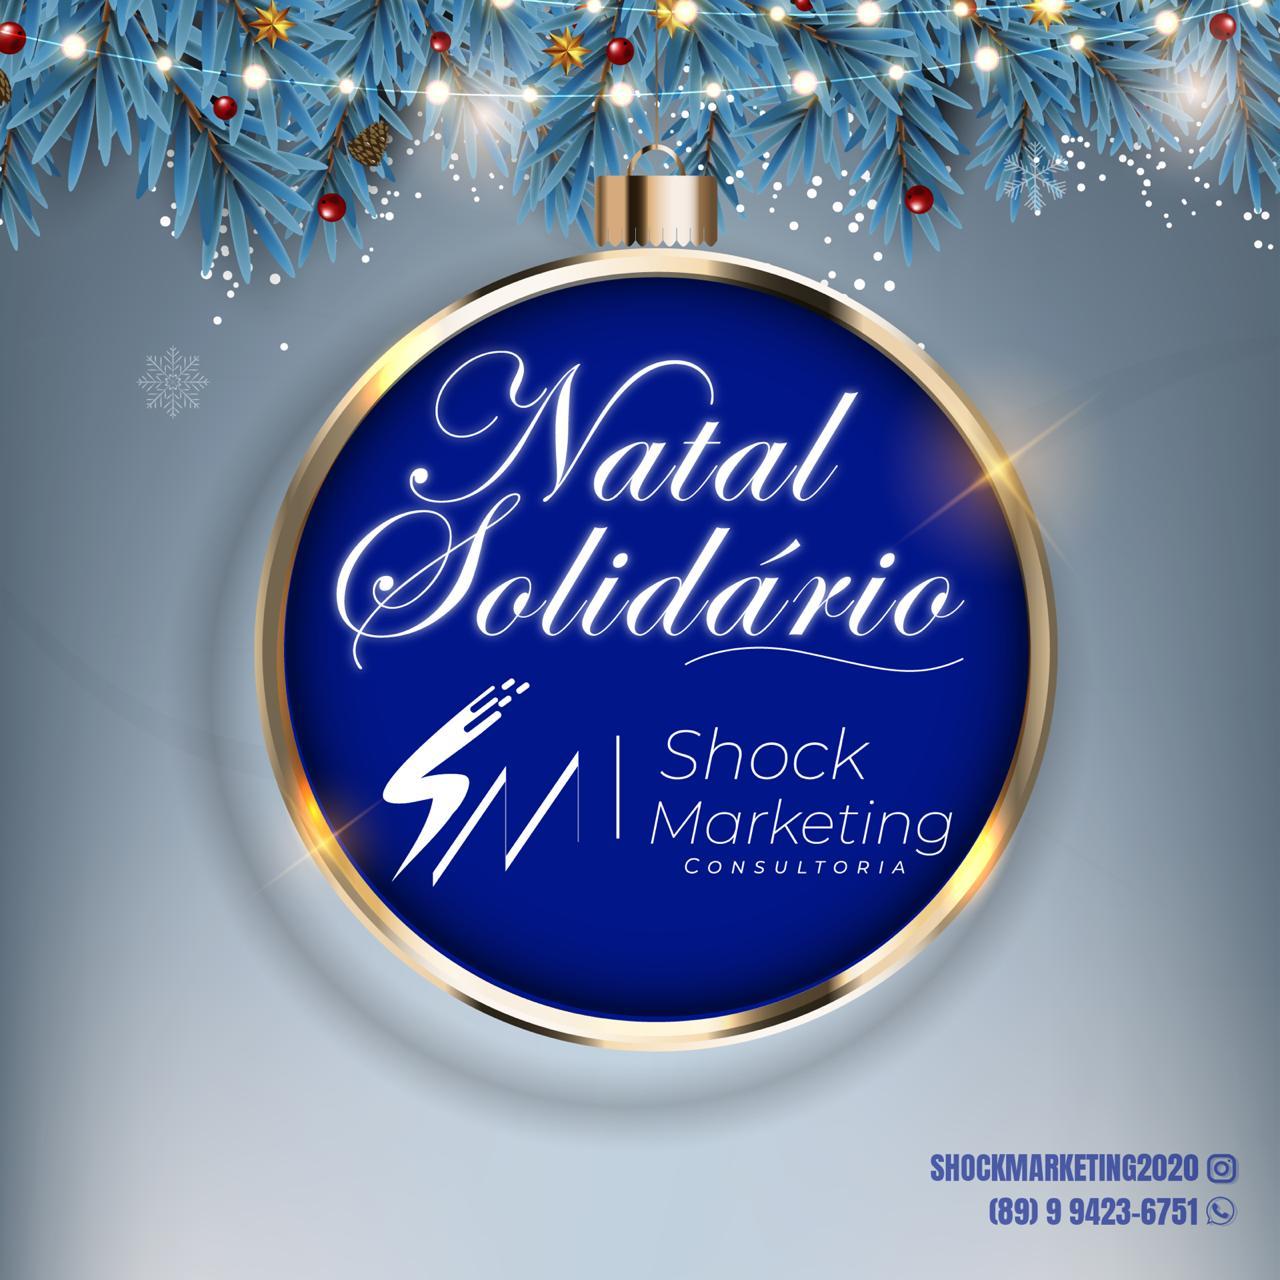 Agência Shock Marketing promove campanha 'Natal Solidário' em Picos; veja como ajudar